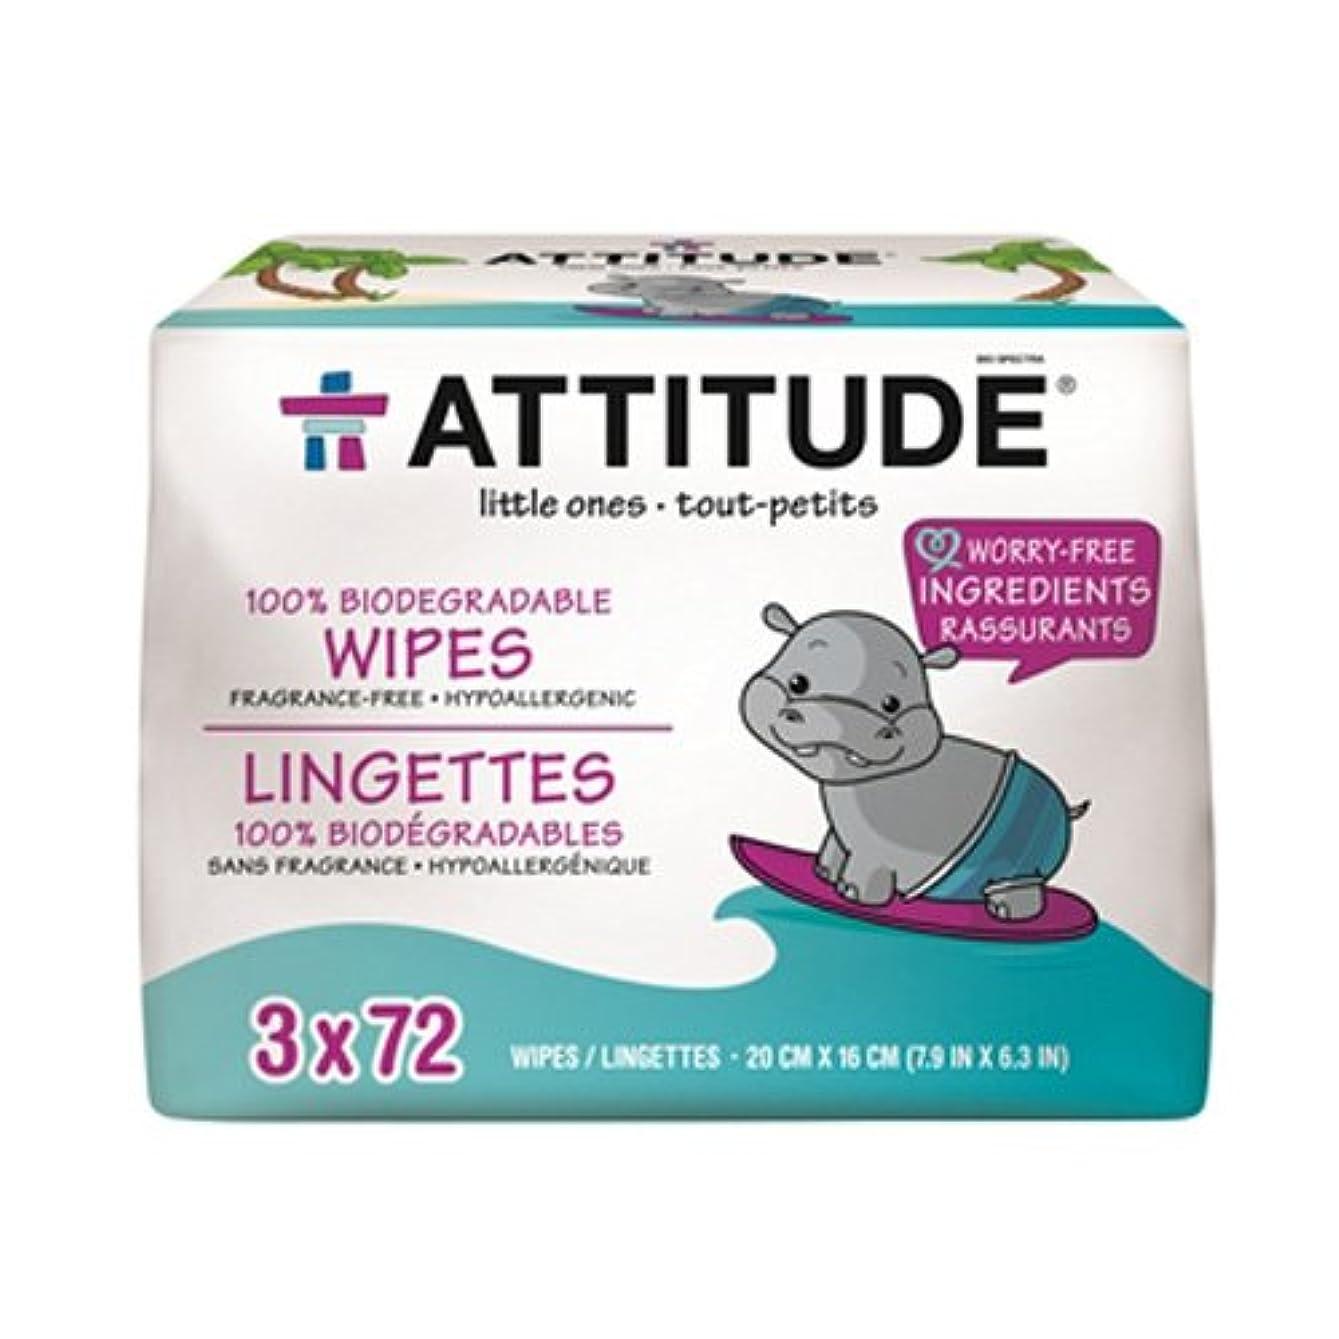 謙虚な相対サイズ変換Attitude Baby Wipes Refill 3 x 72 / ????????????????3 ラ72